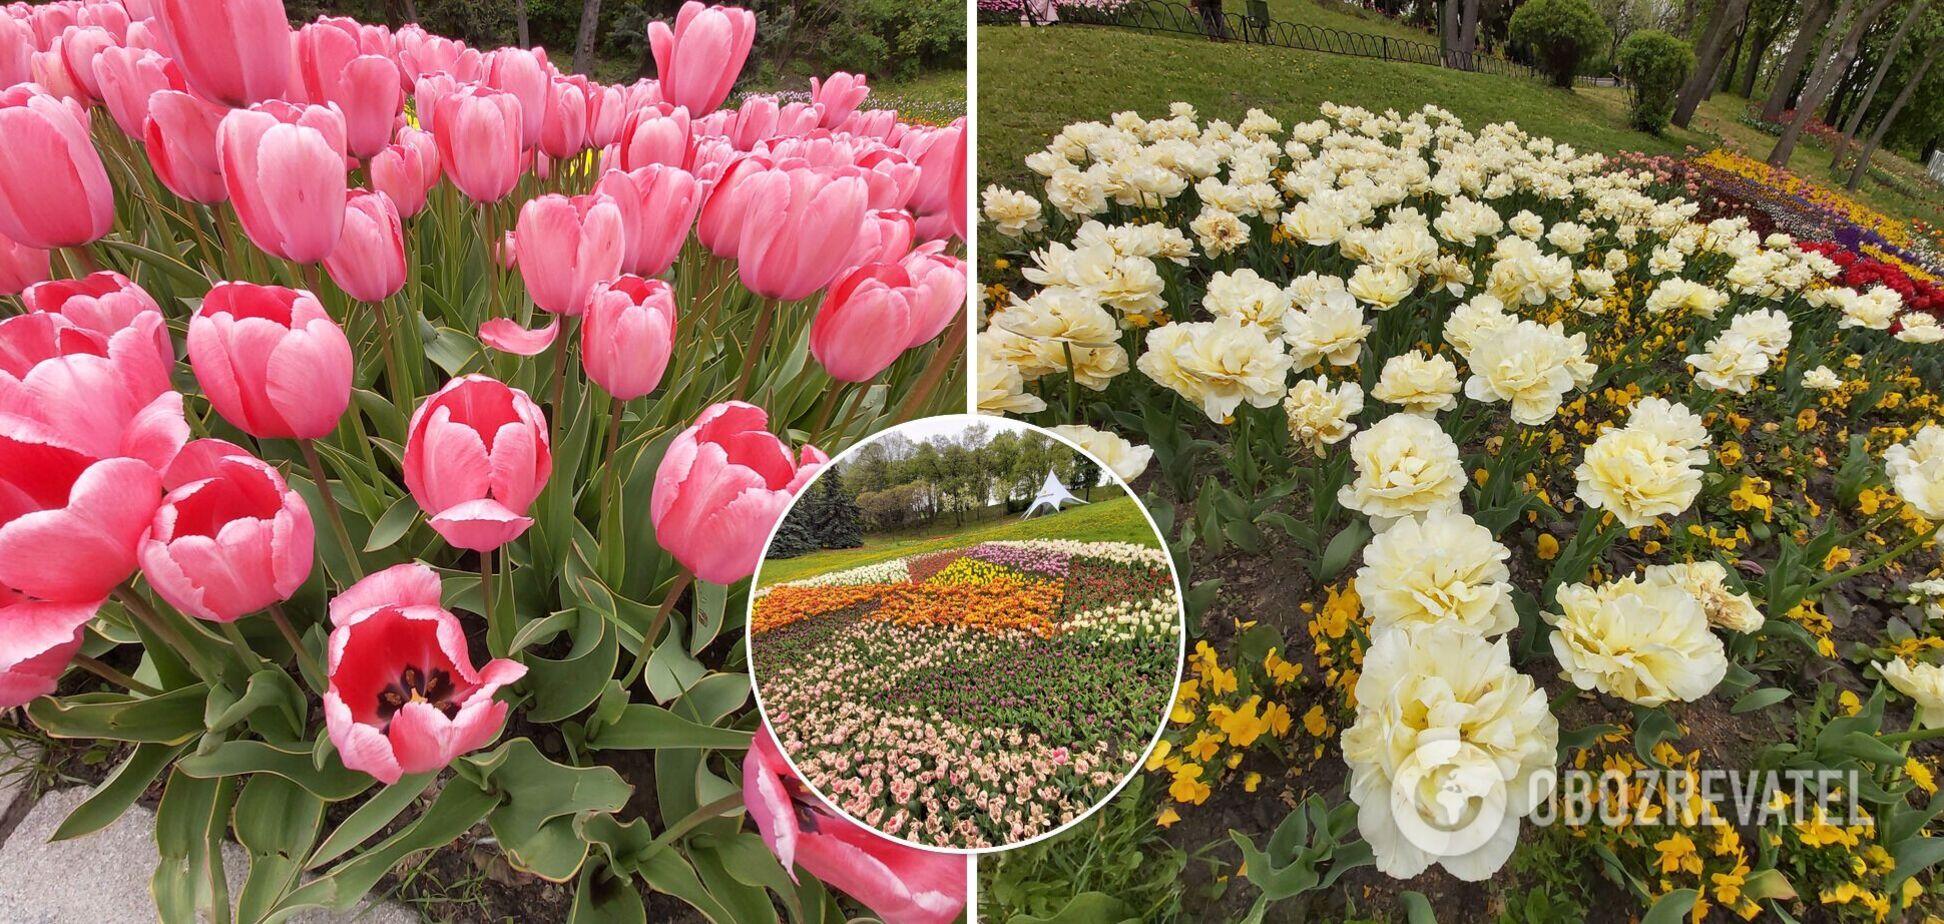 У Києві на Співочому полі відкрили унікальну виставку тюльпанів. Фоторепортаж